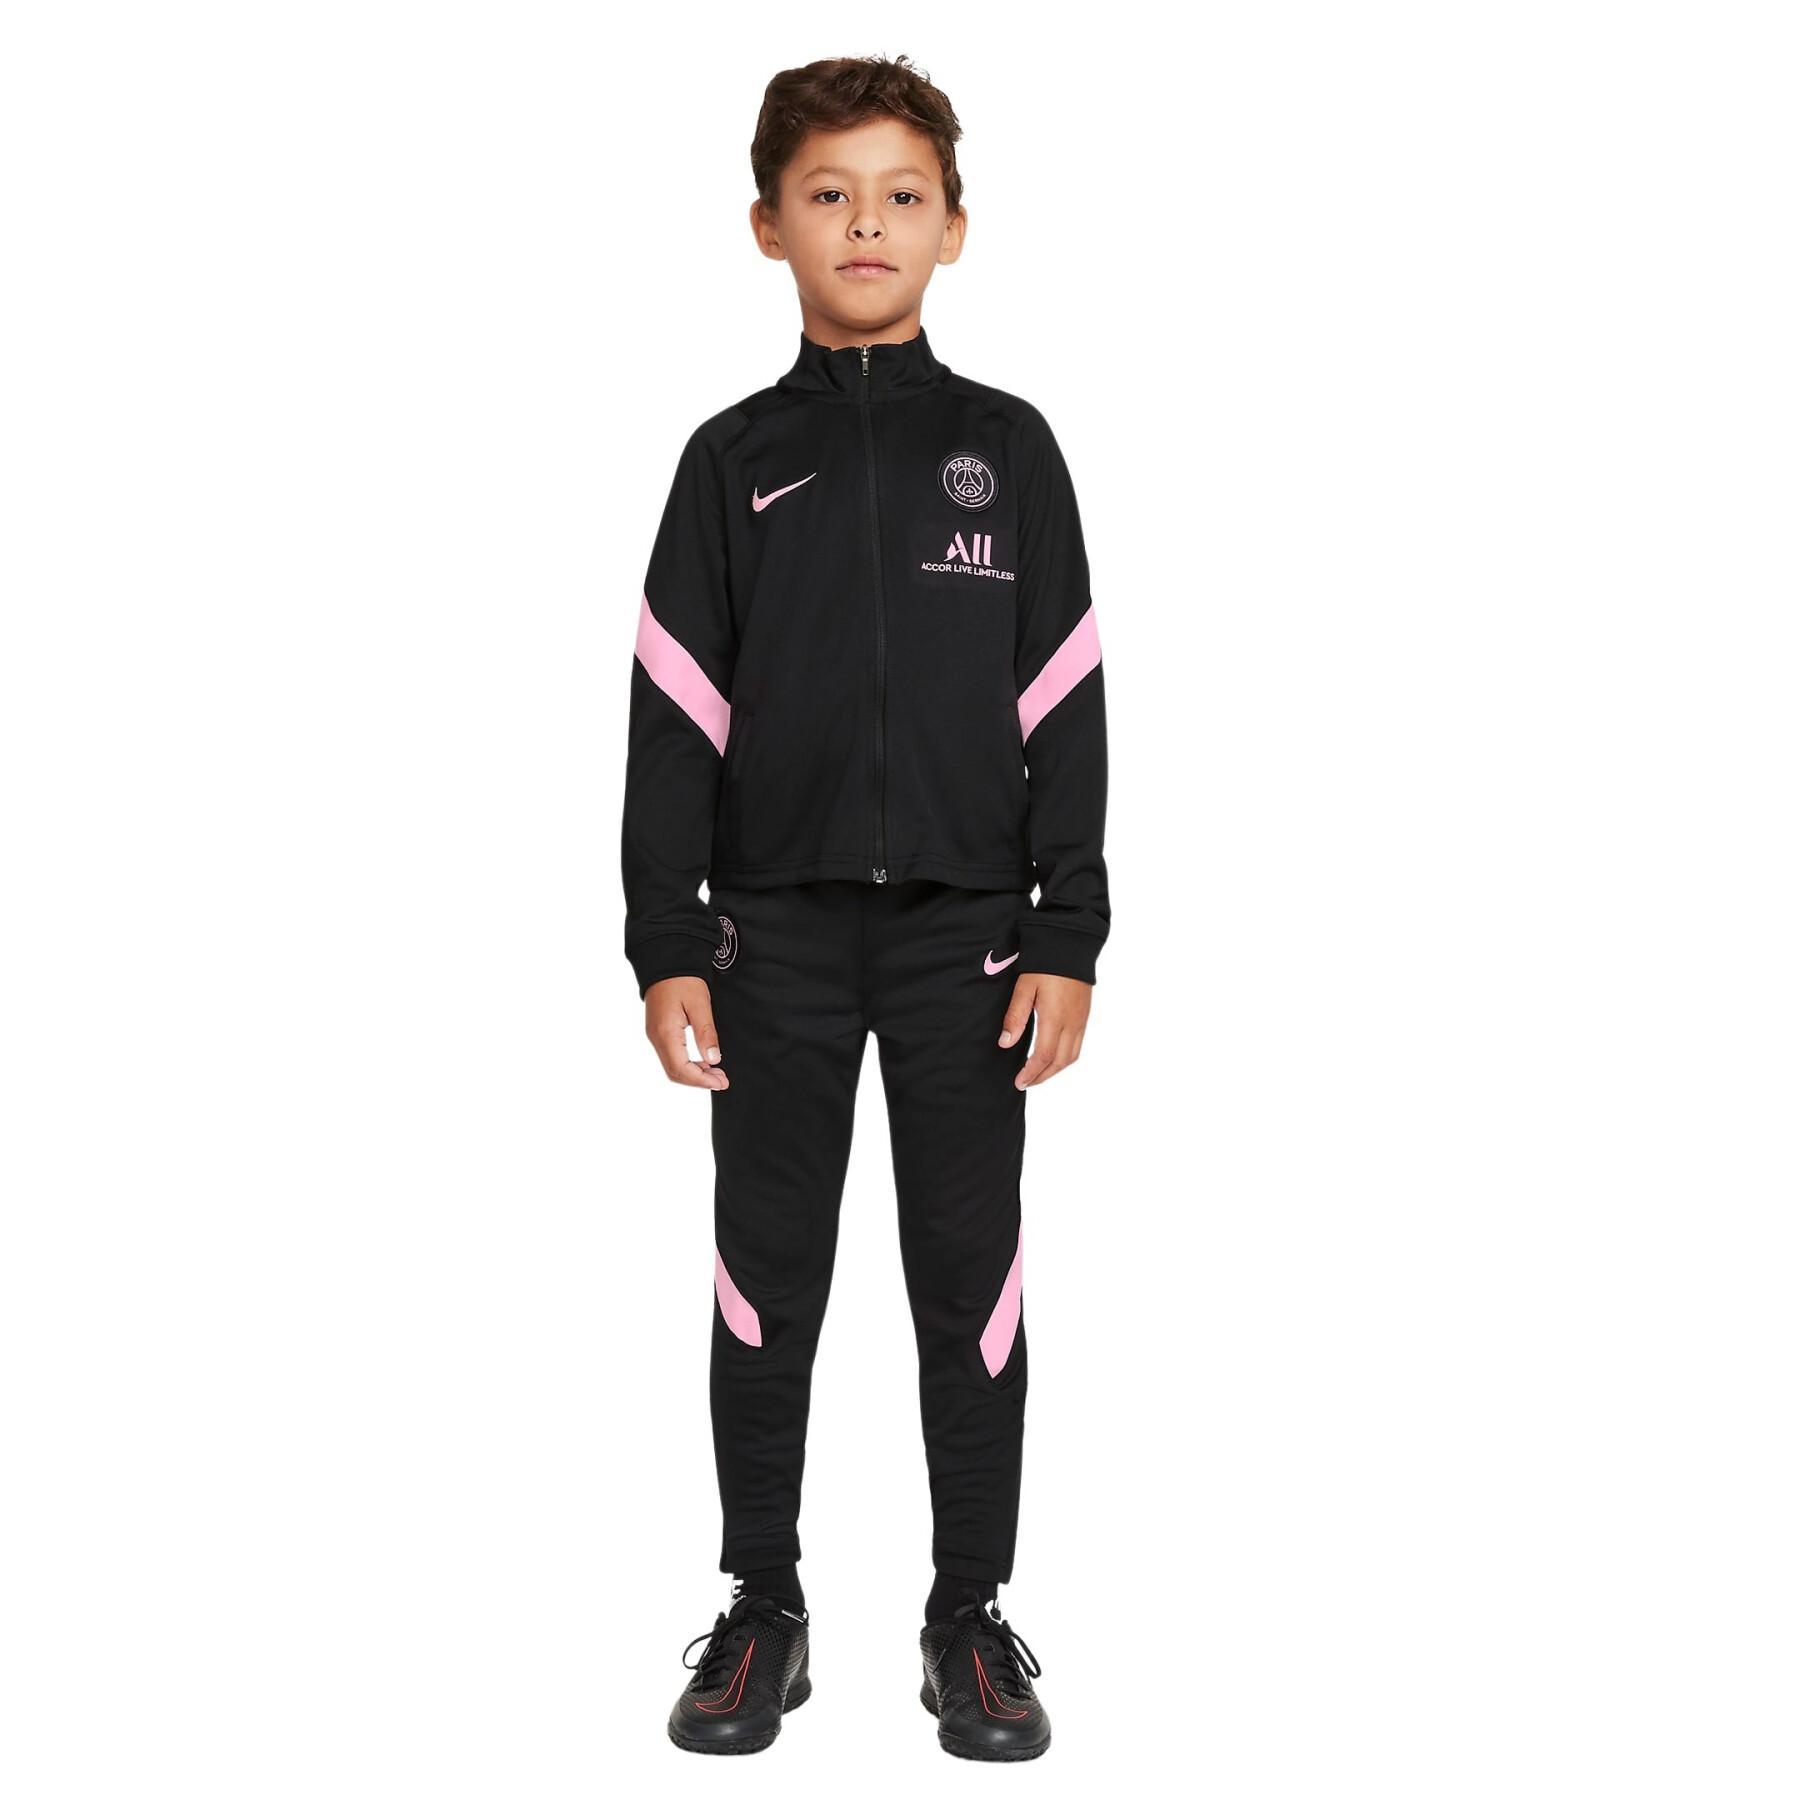 Children's tracksuit PSG 2021/22